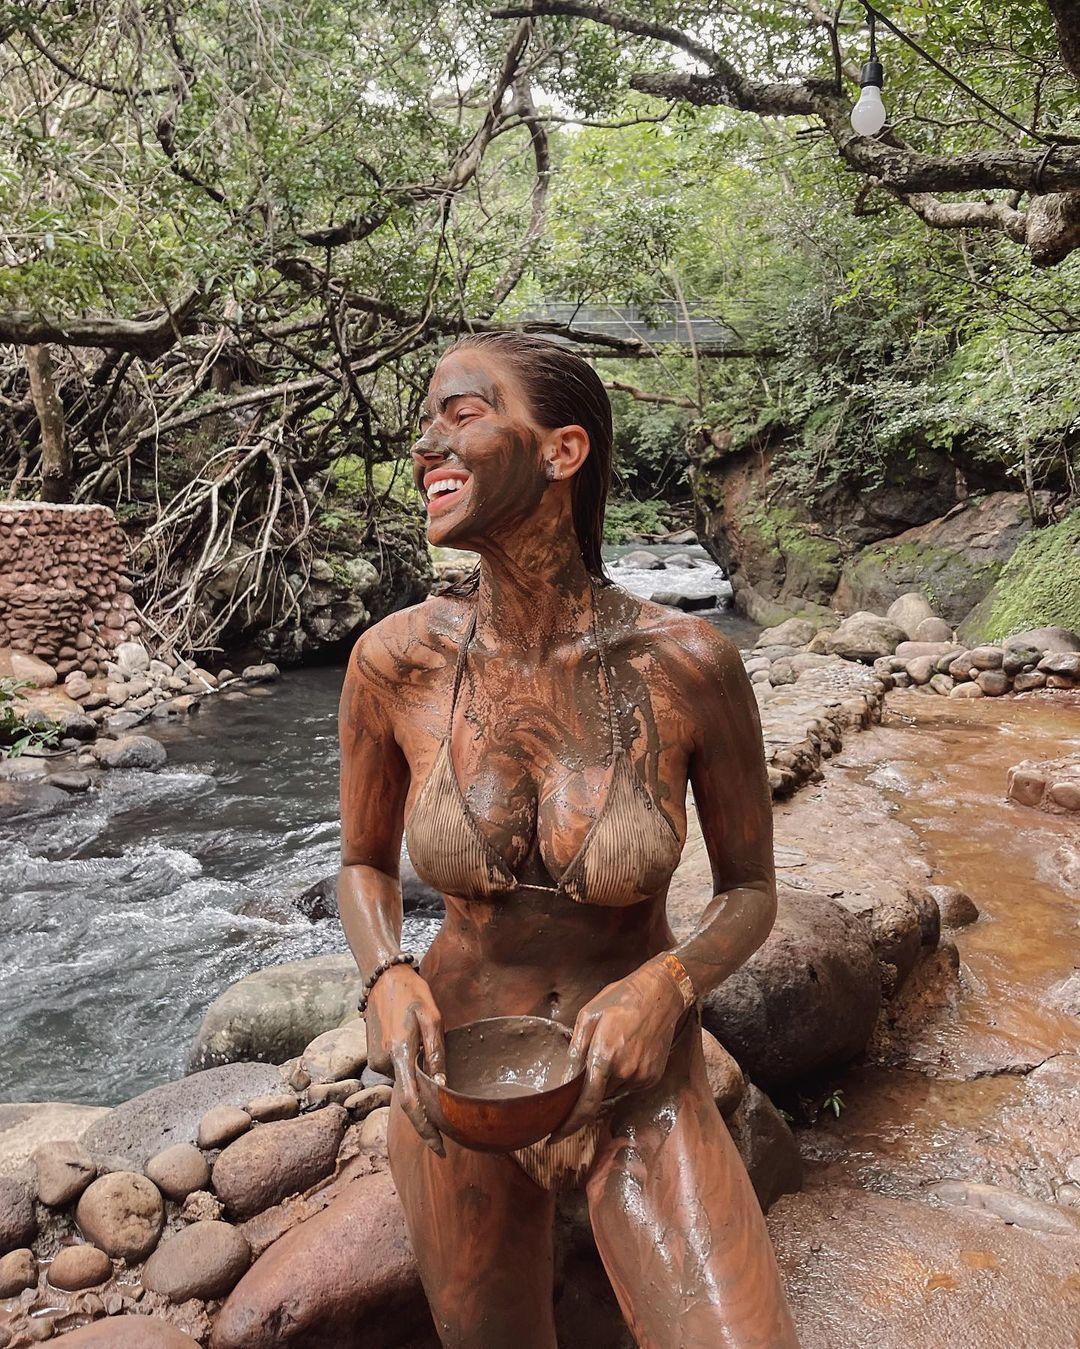 Kara-Del-Toro-Hot-9-thefappeningblog.com_.jpg